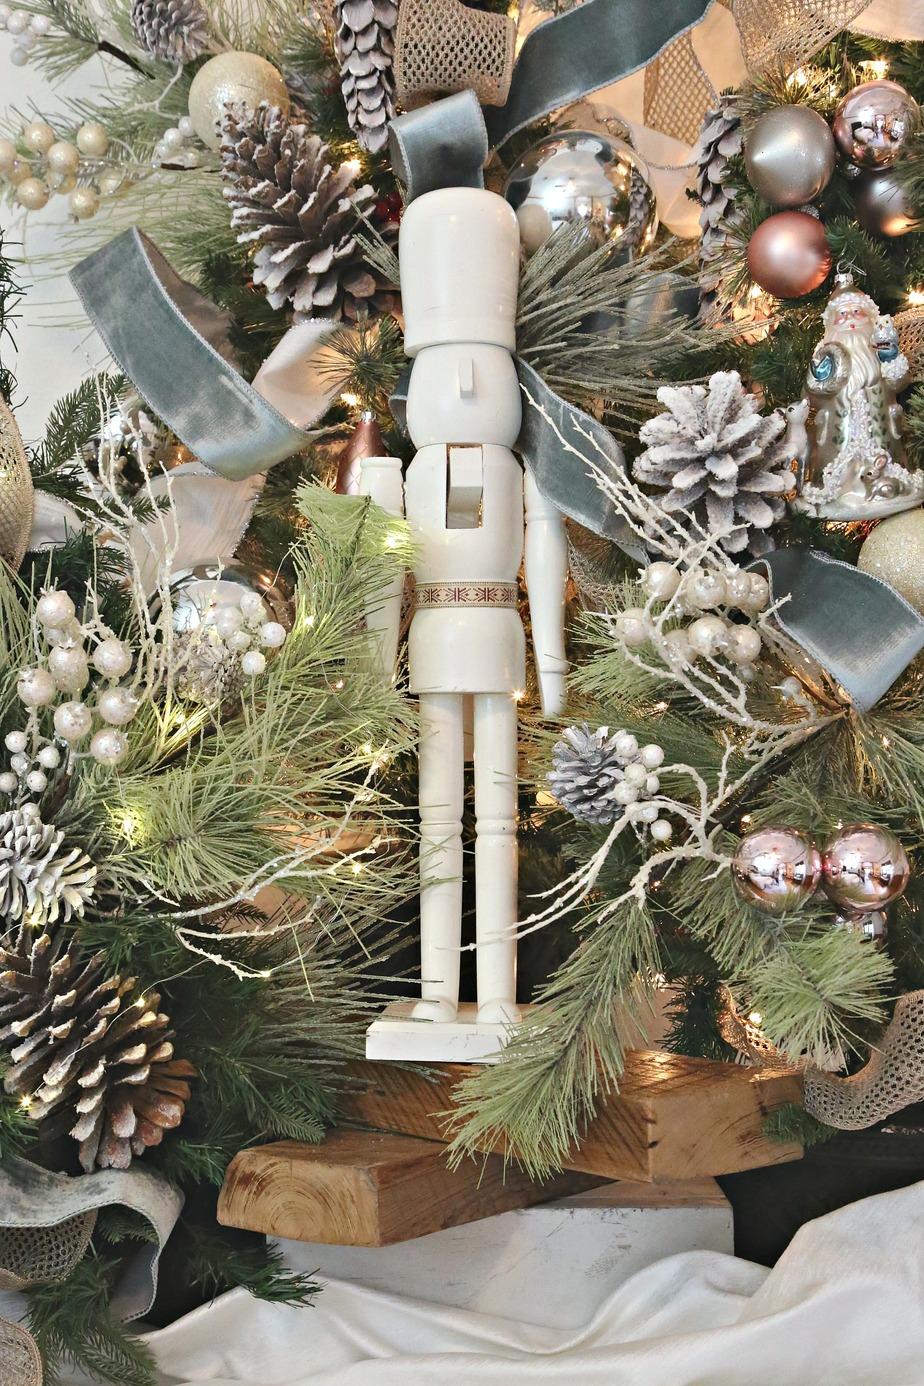 White nutcracker in Christmas tree.